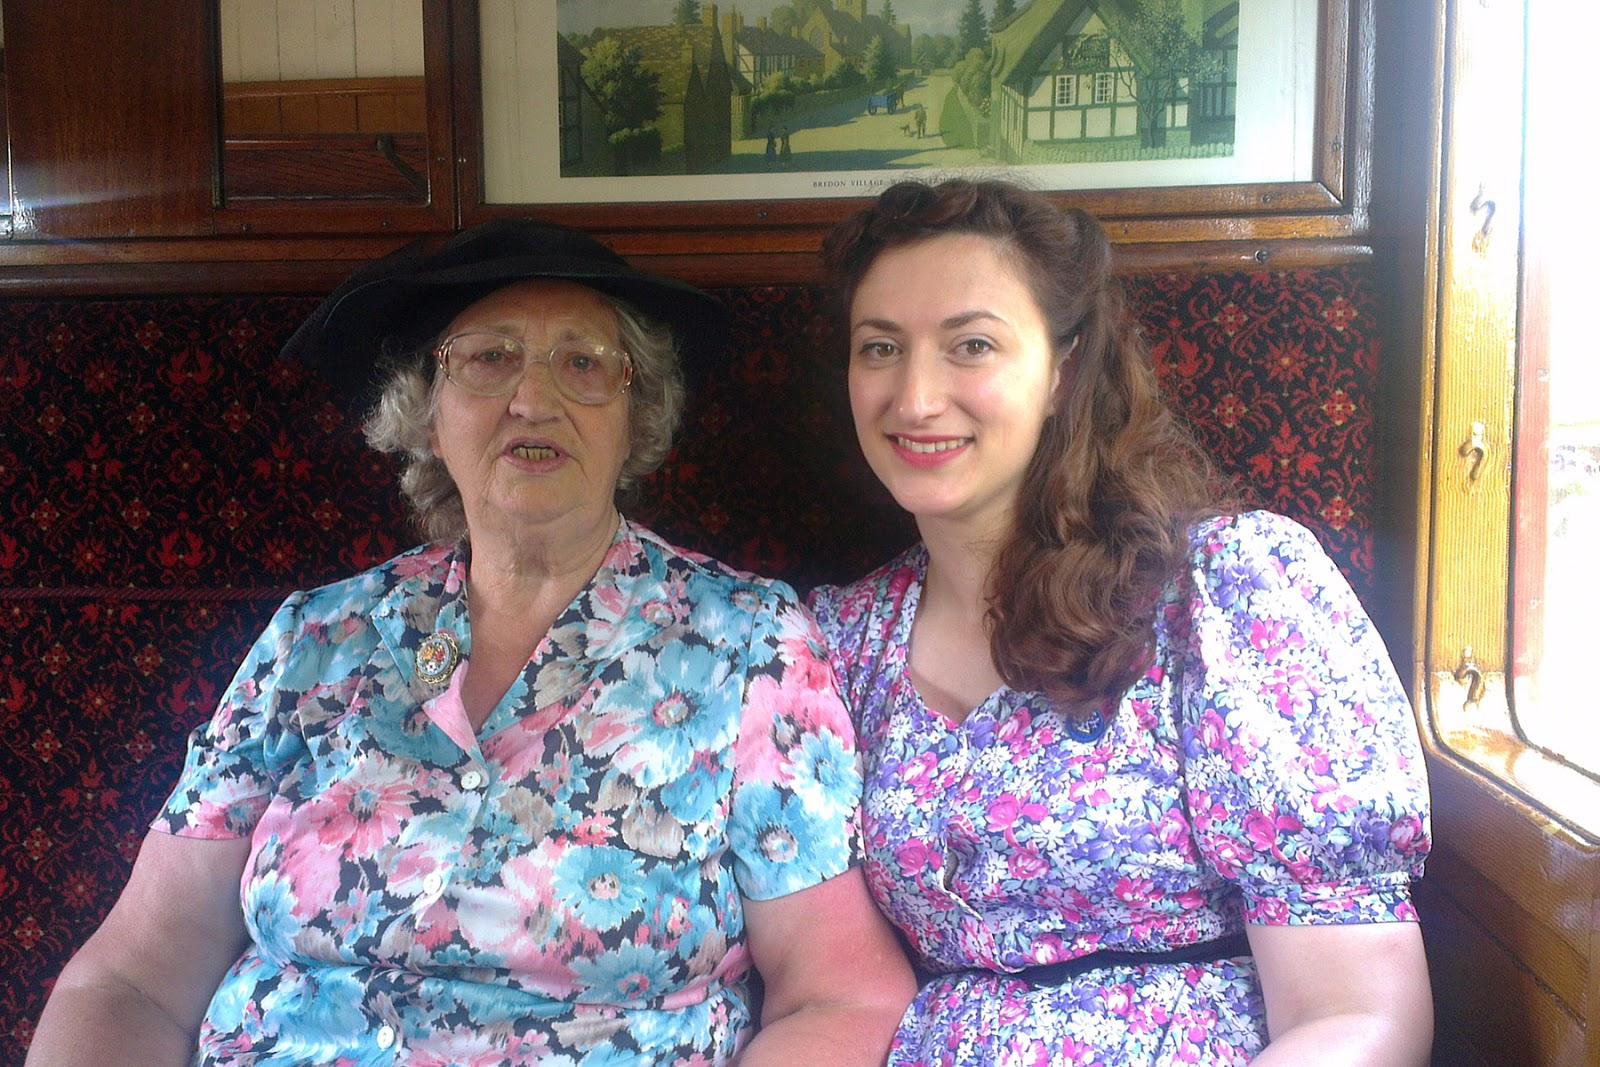 Havenstreet Railway 1940's weekend 2013 Mum and me